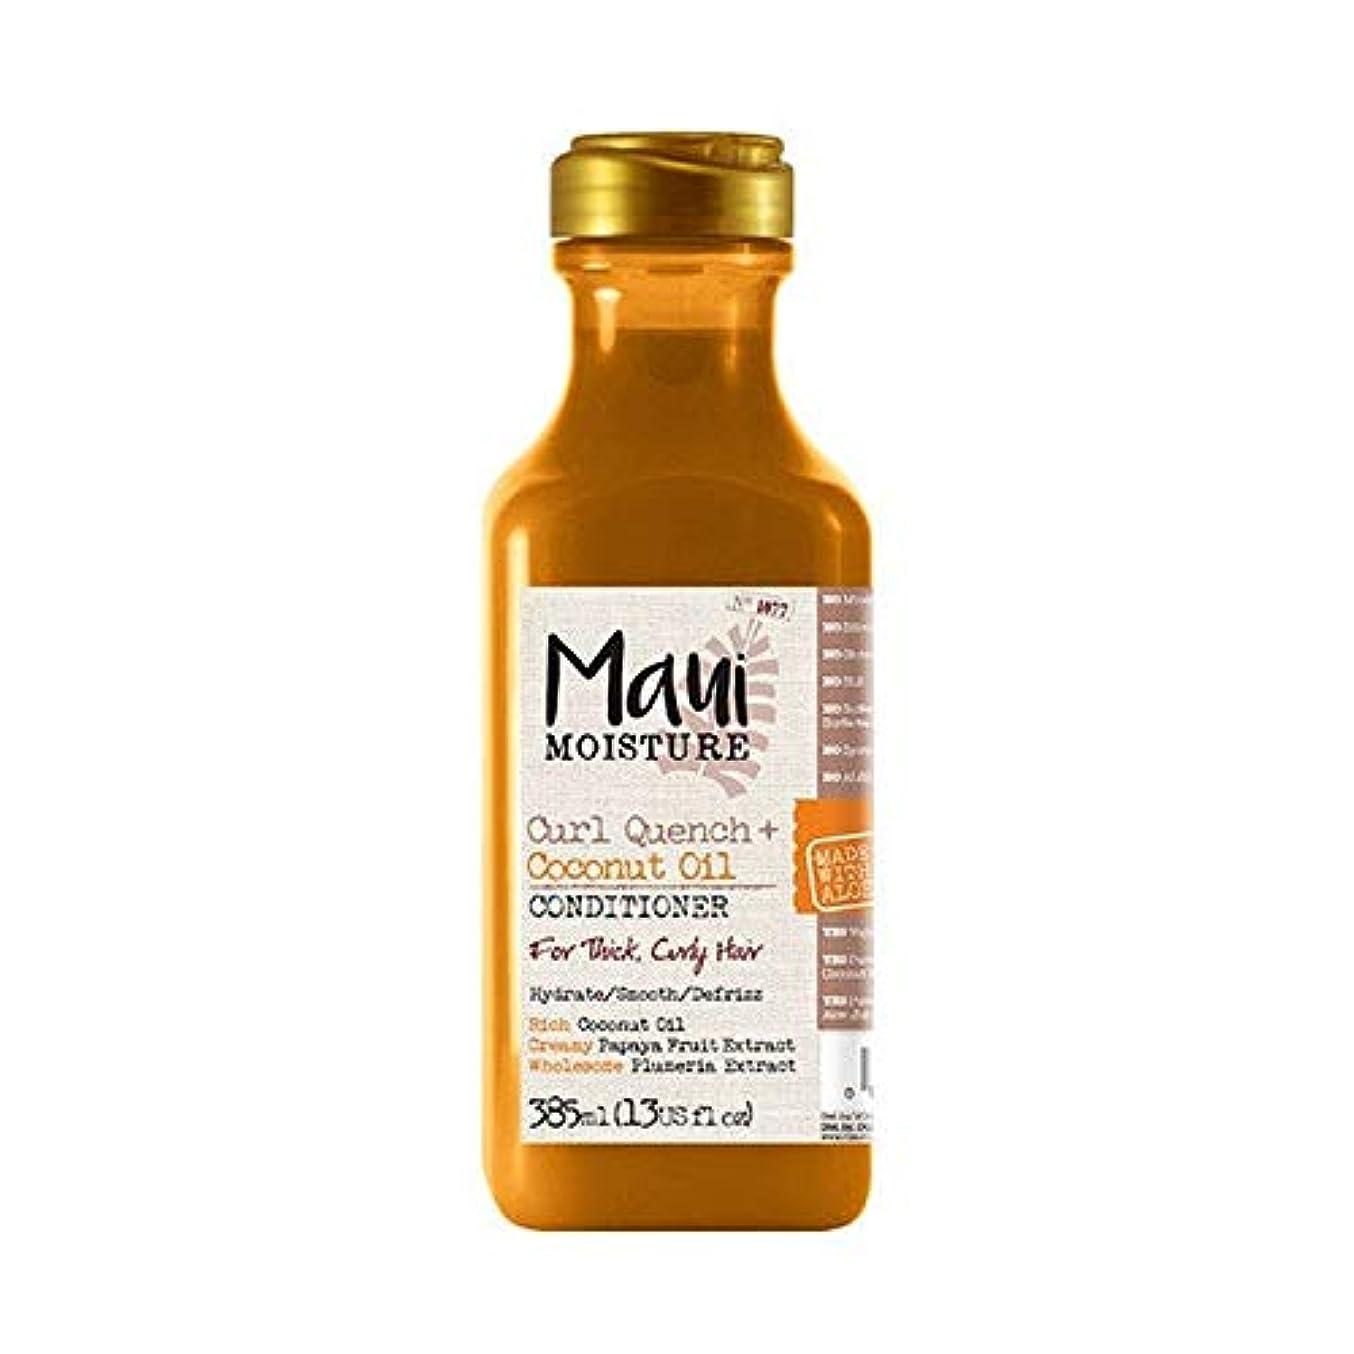 部レプリカ整理する[Maui Moisture ] マウイ水分カールクエンチ+ココナッツオイルコンディショナー - Maui Moisture Curl Quench + Coconut Oil Conditioner [並行輸入品]